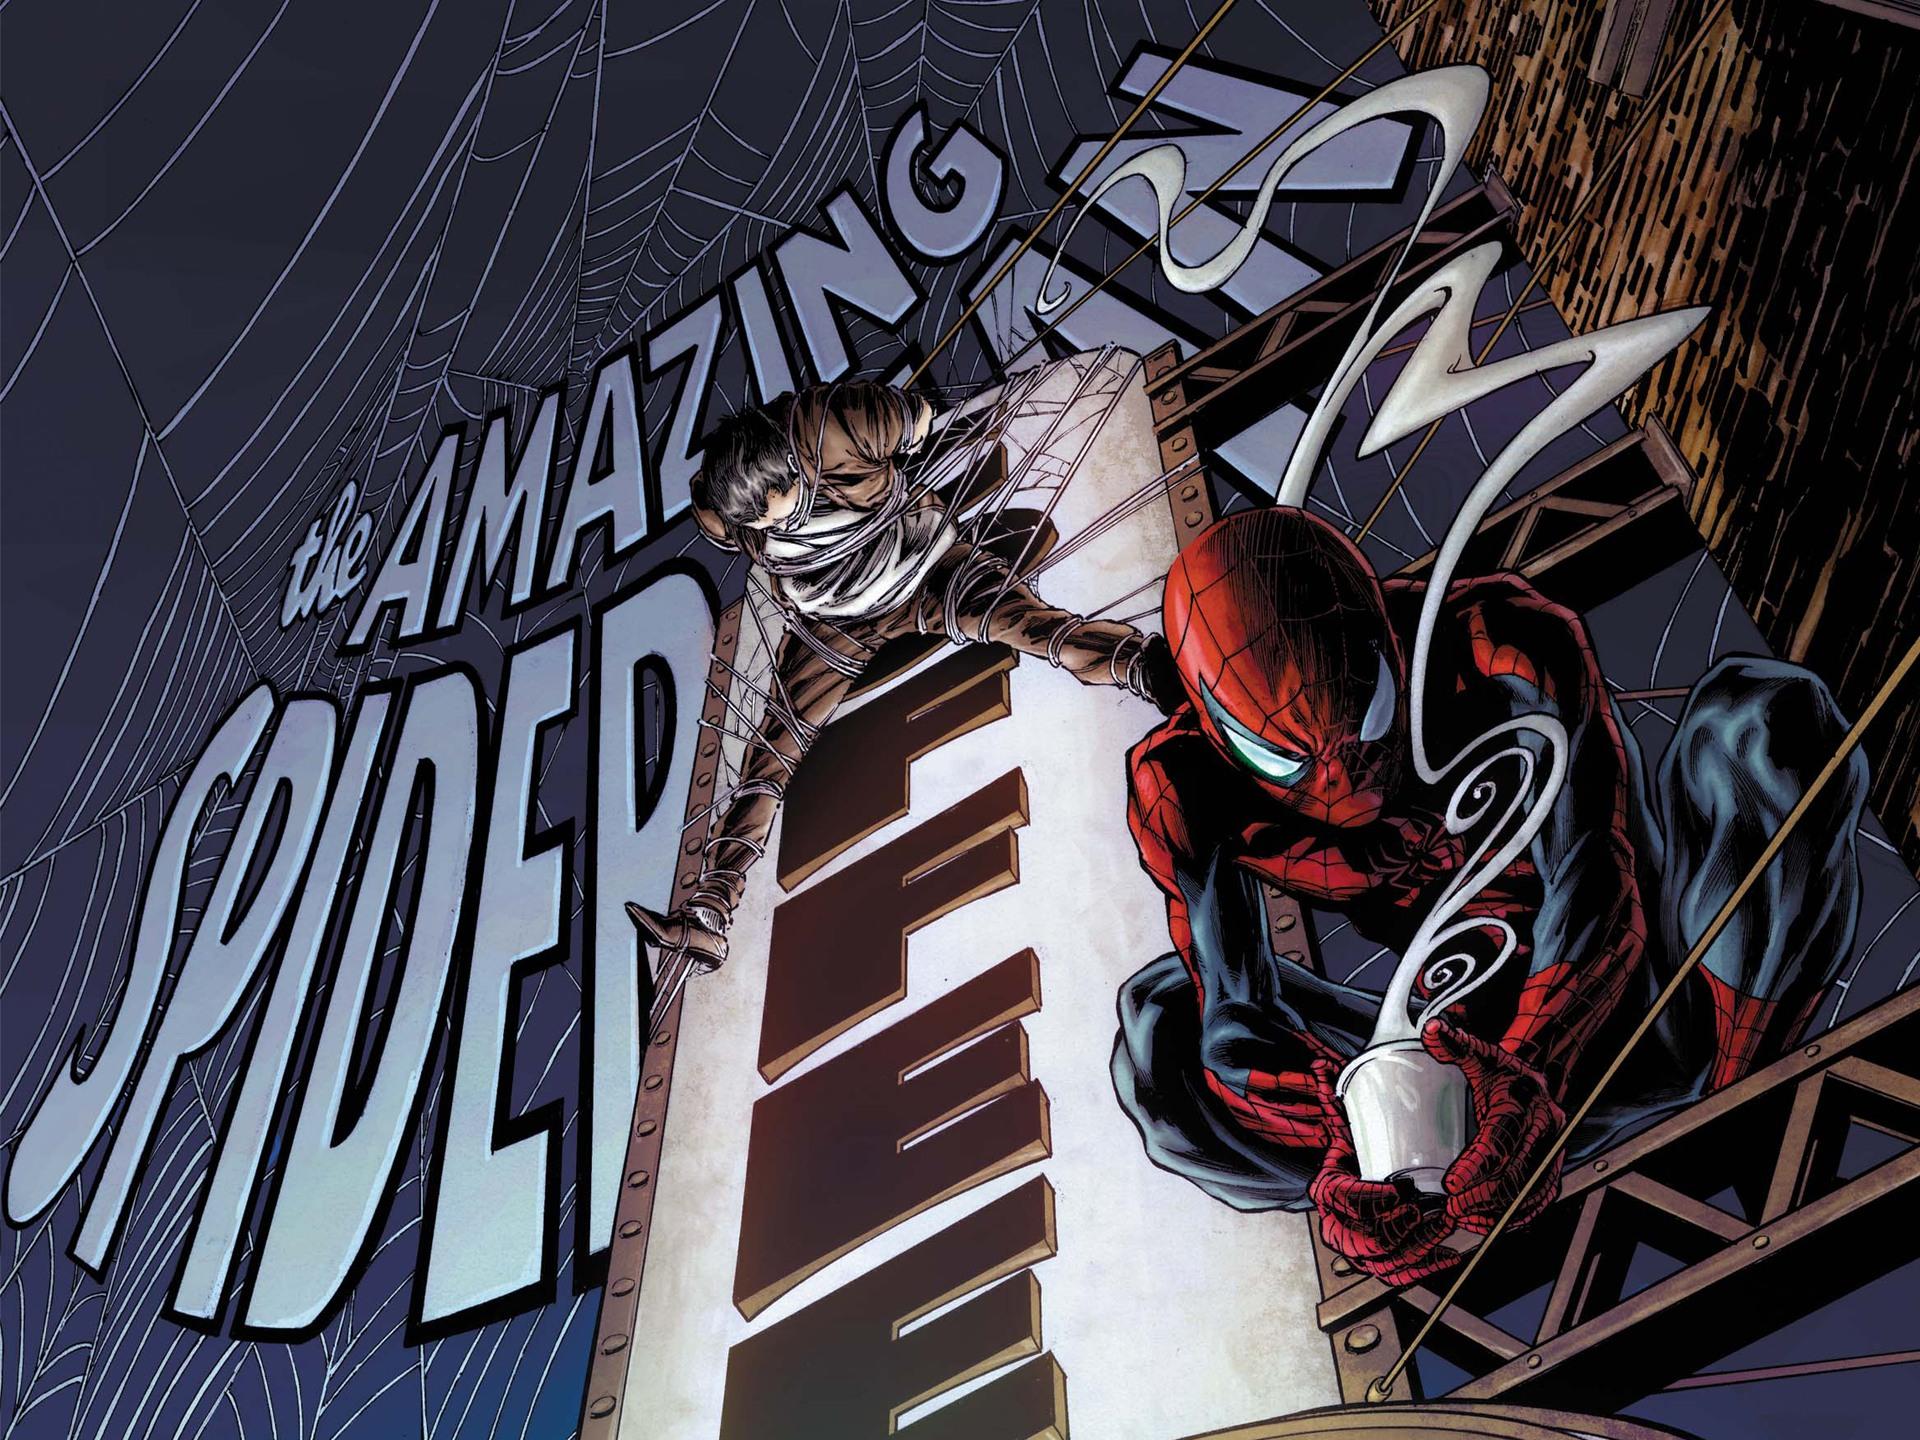 Amazing Spiderman Wallpapers for Desktop - WallpaperSafari